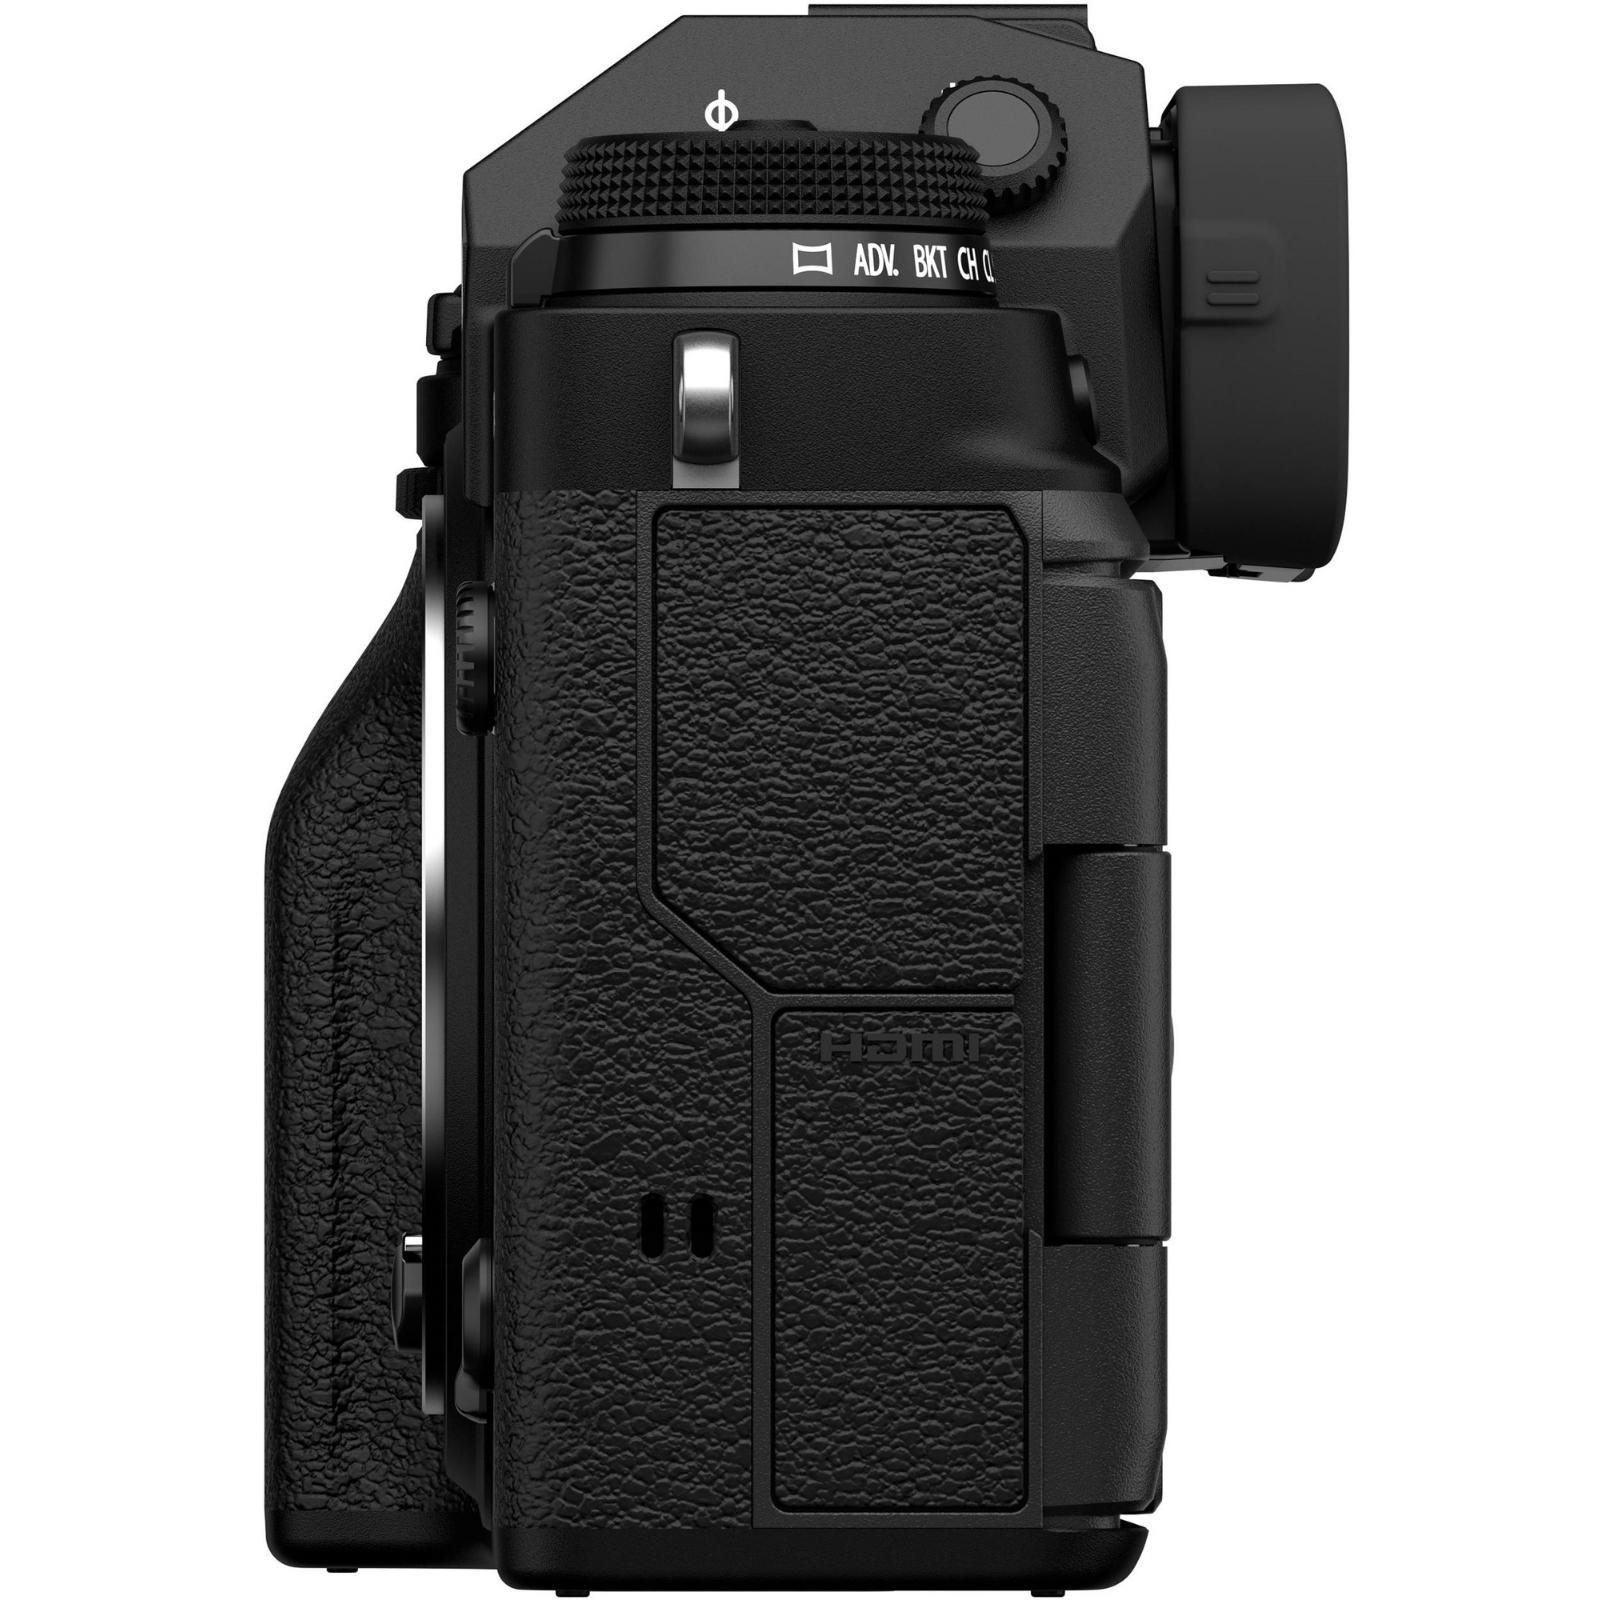 FUJIFILM 富士フイルム ミラーレス一眼カメラ X-T4 ボディ ブラック X-T4-B 新品